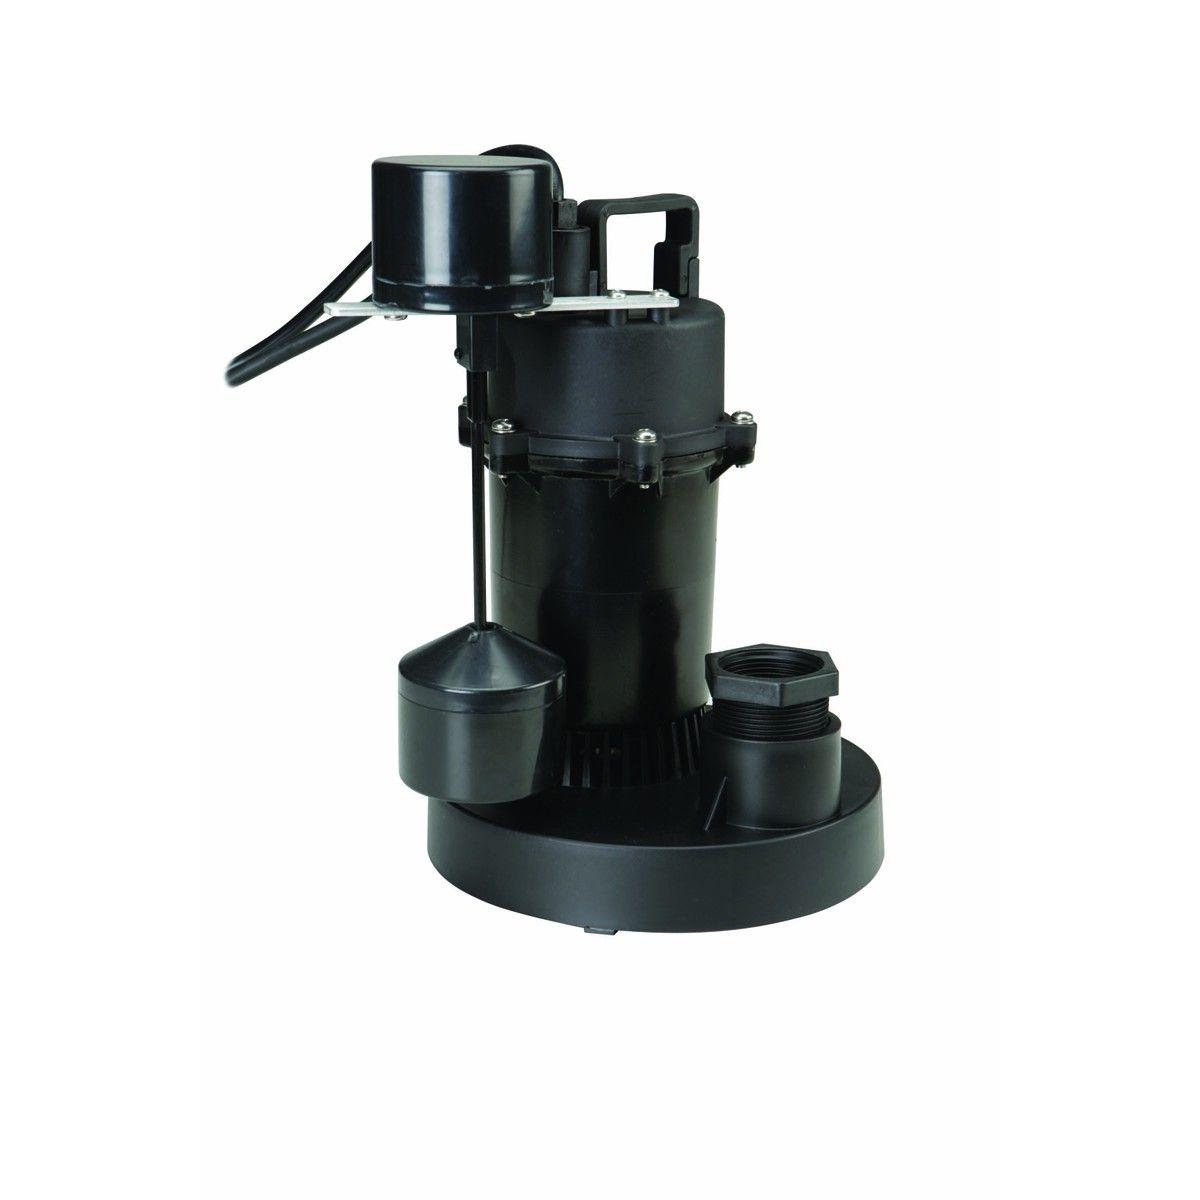 Pin by Ermal Harold on sump pumps | Sump pump, Submersible